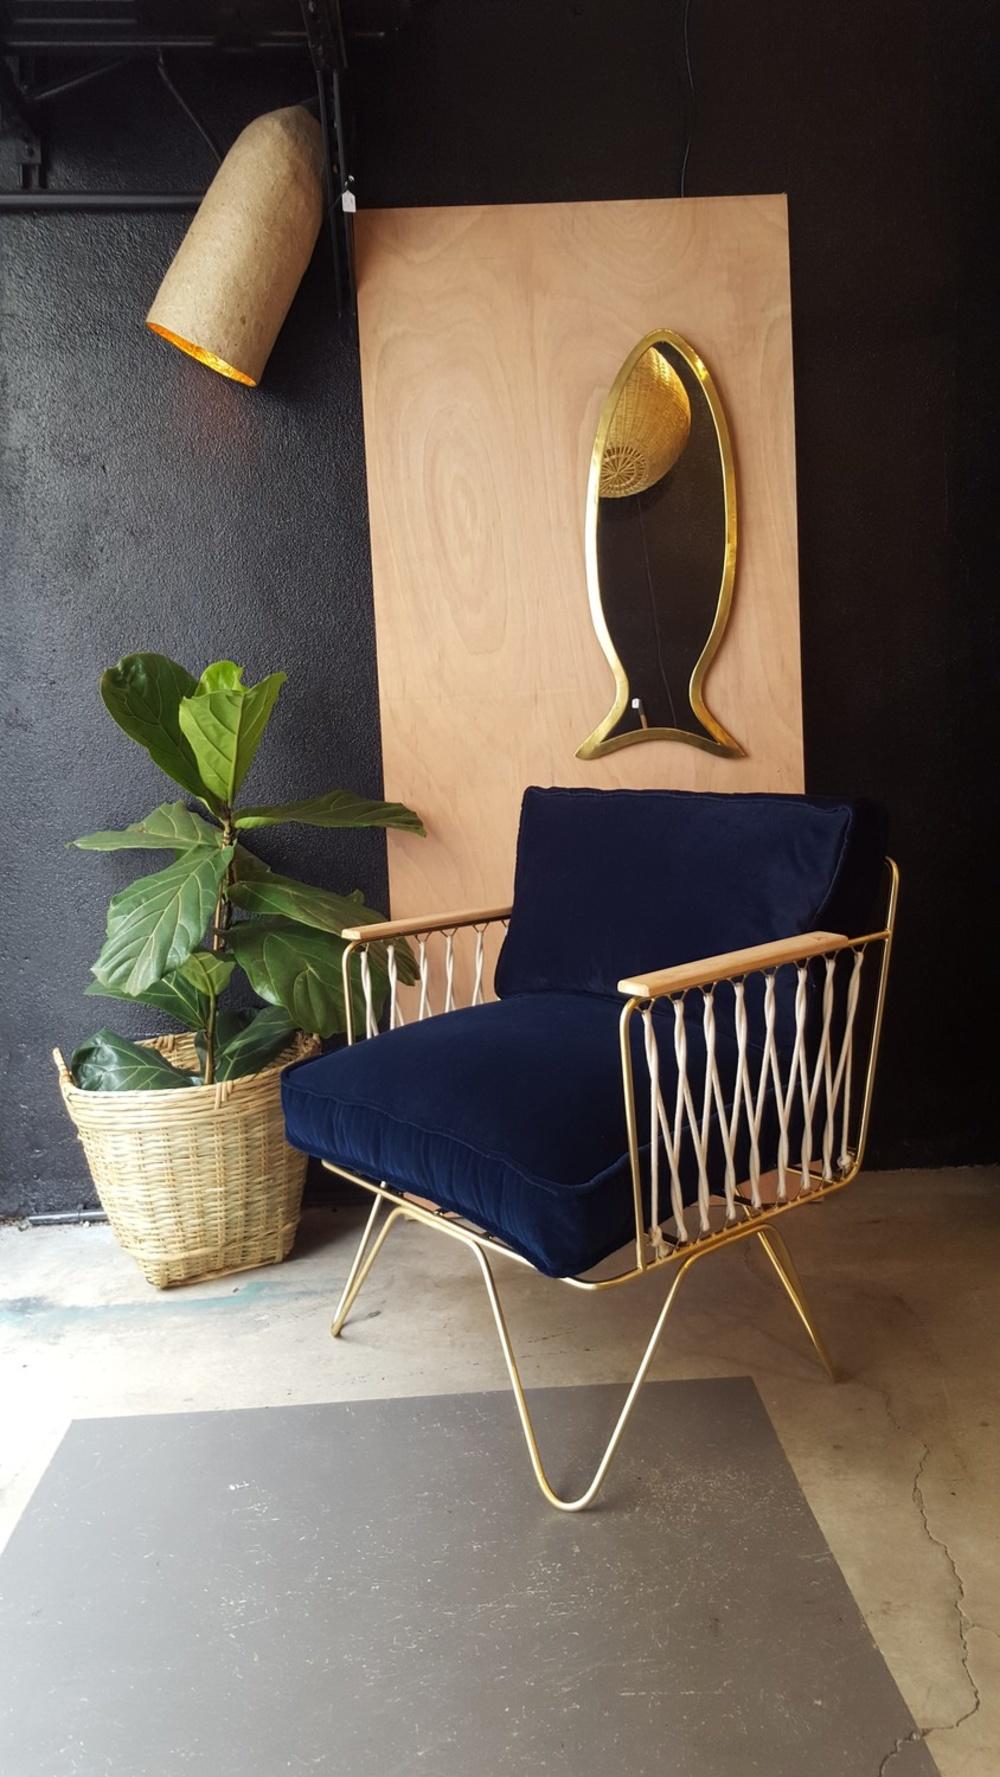 fauteuil-la-croisette-honore-deco-08